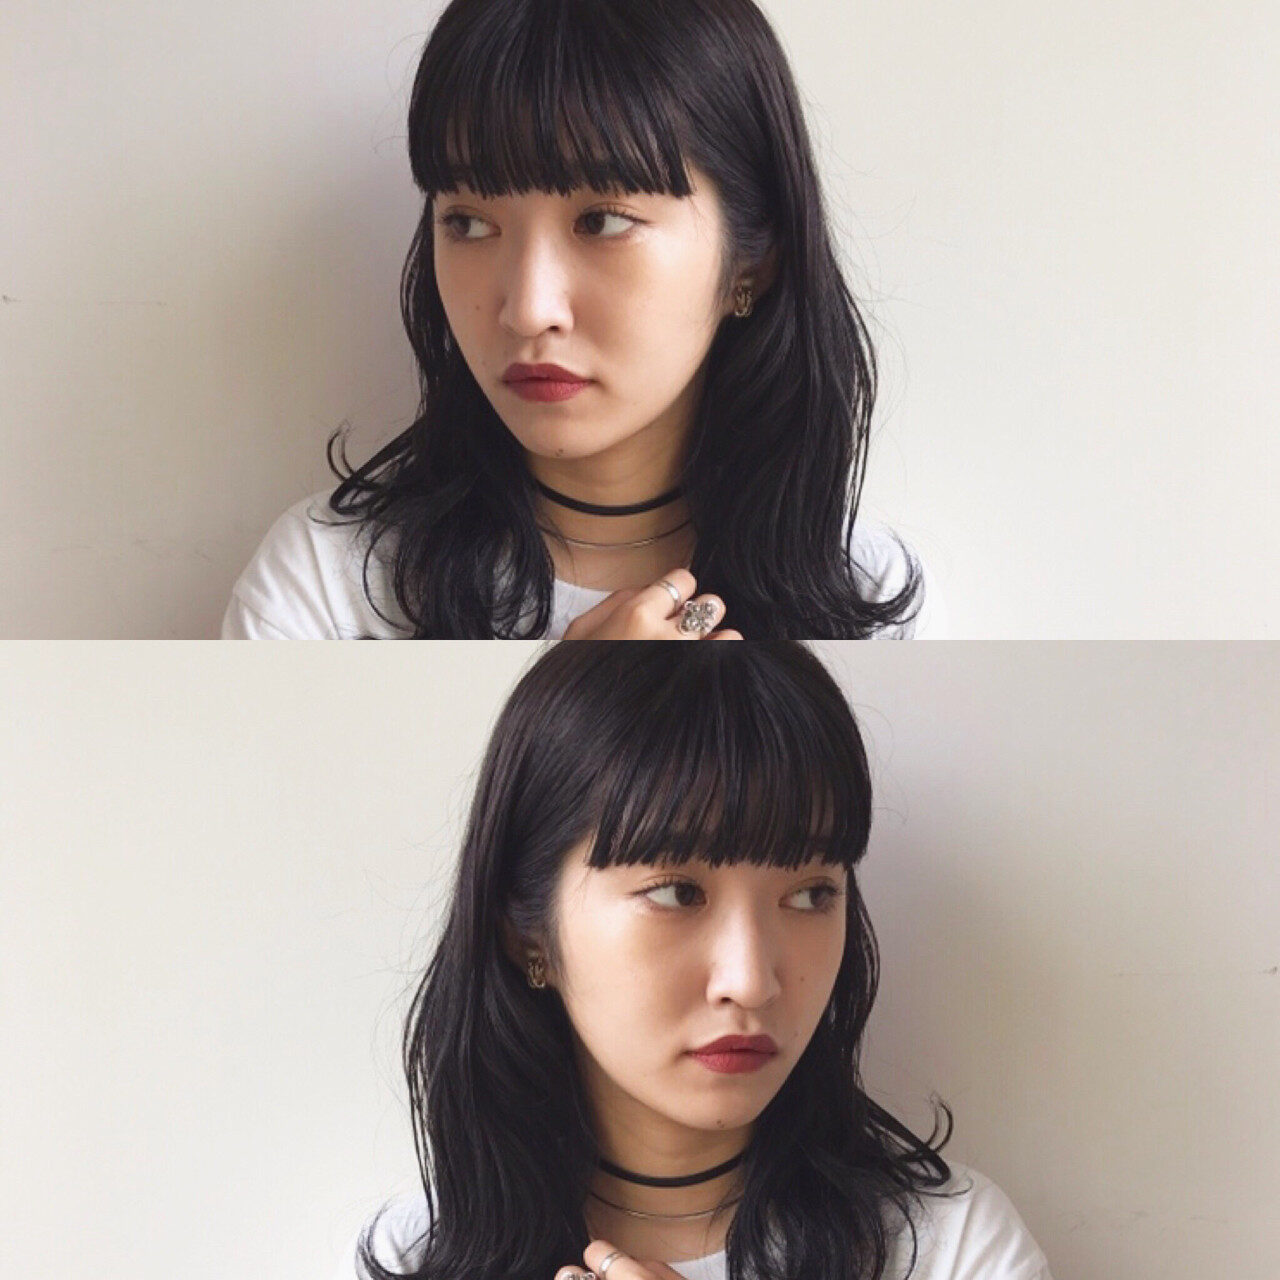 きっと気になるカレも黒髪至上主義。色白効果の黒髪で白雪姫のように輝く秘密